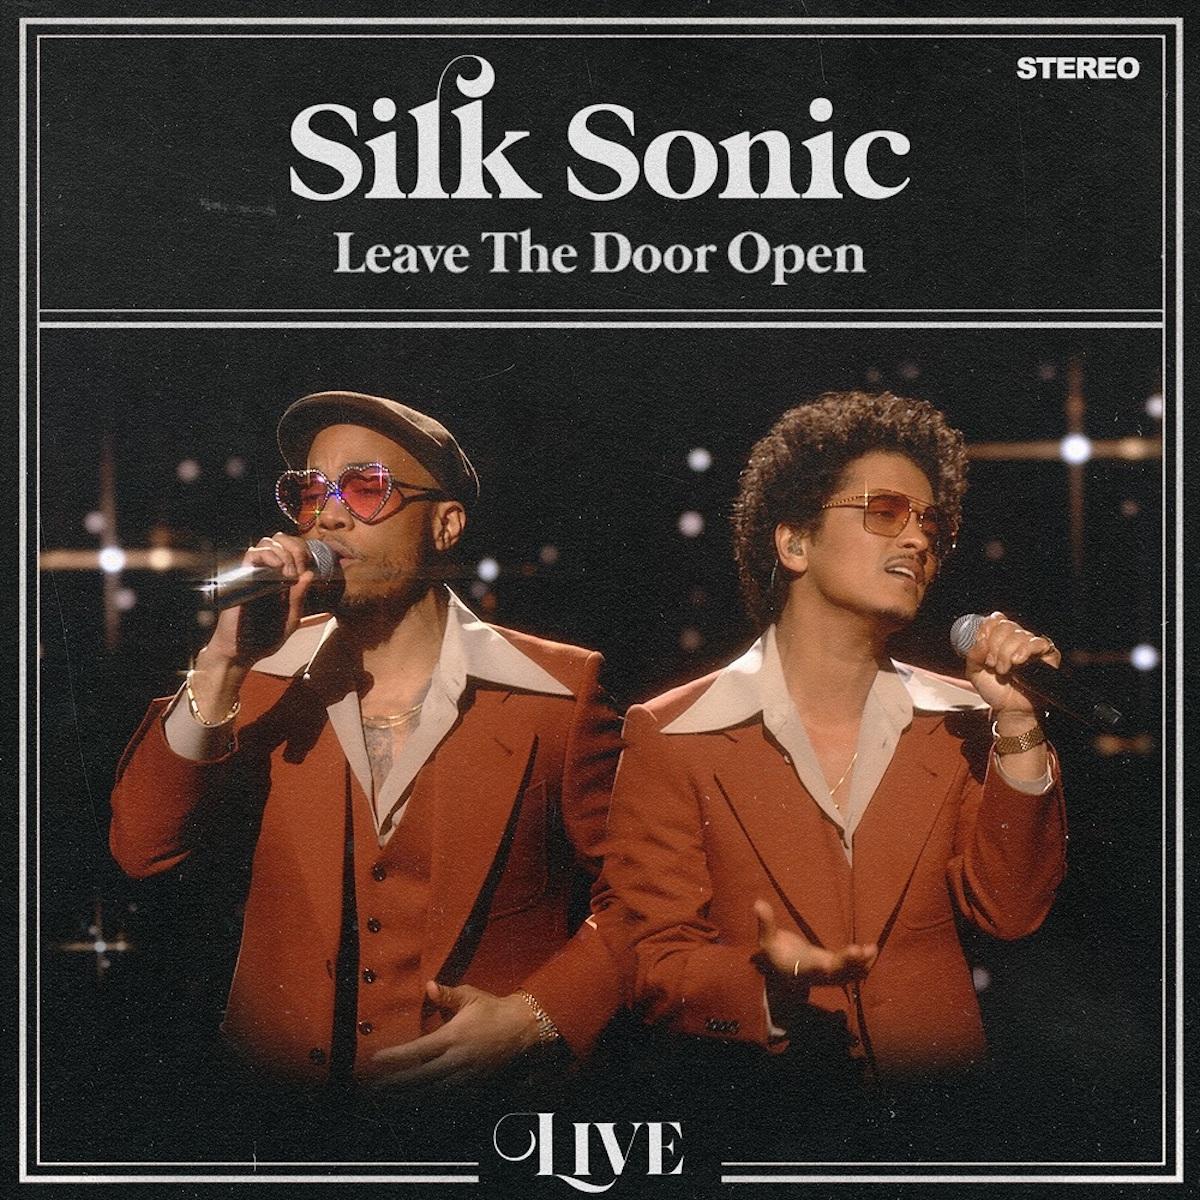 Silk Sonic / シルク・ソニック